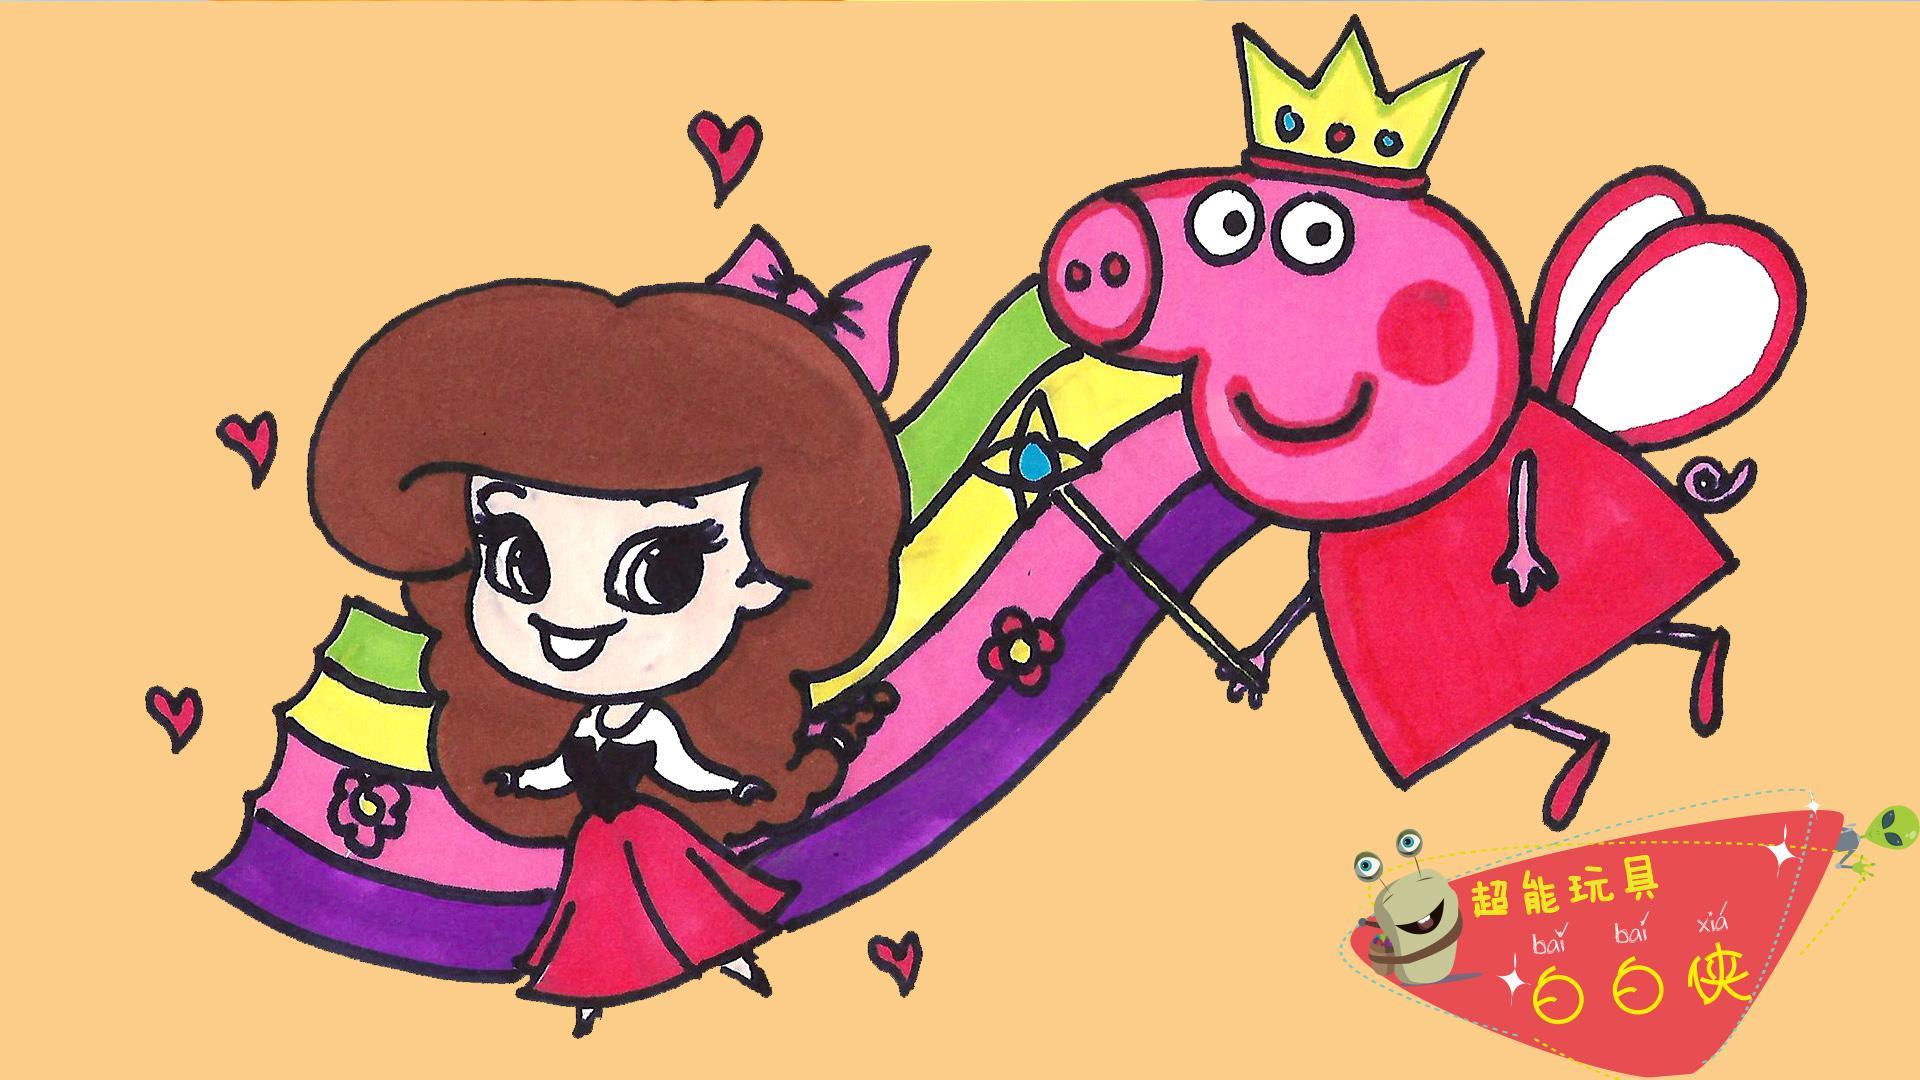 白白侠画画秀:魔法师小猪佩奇把北鼻变成小公主